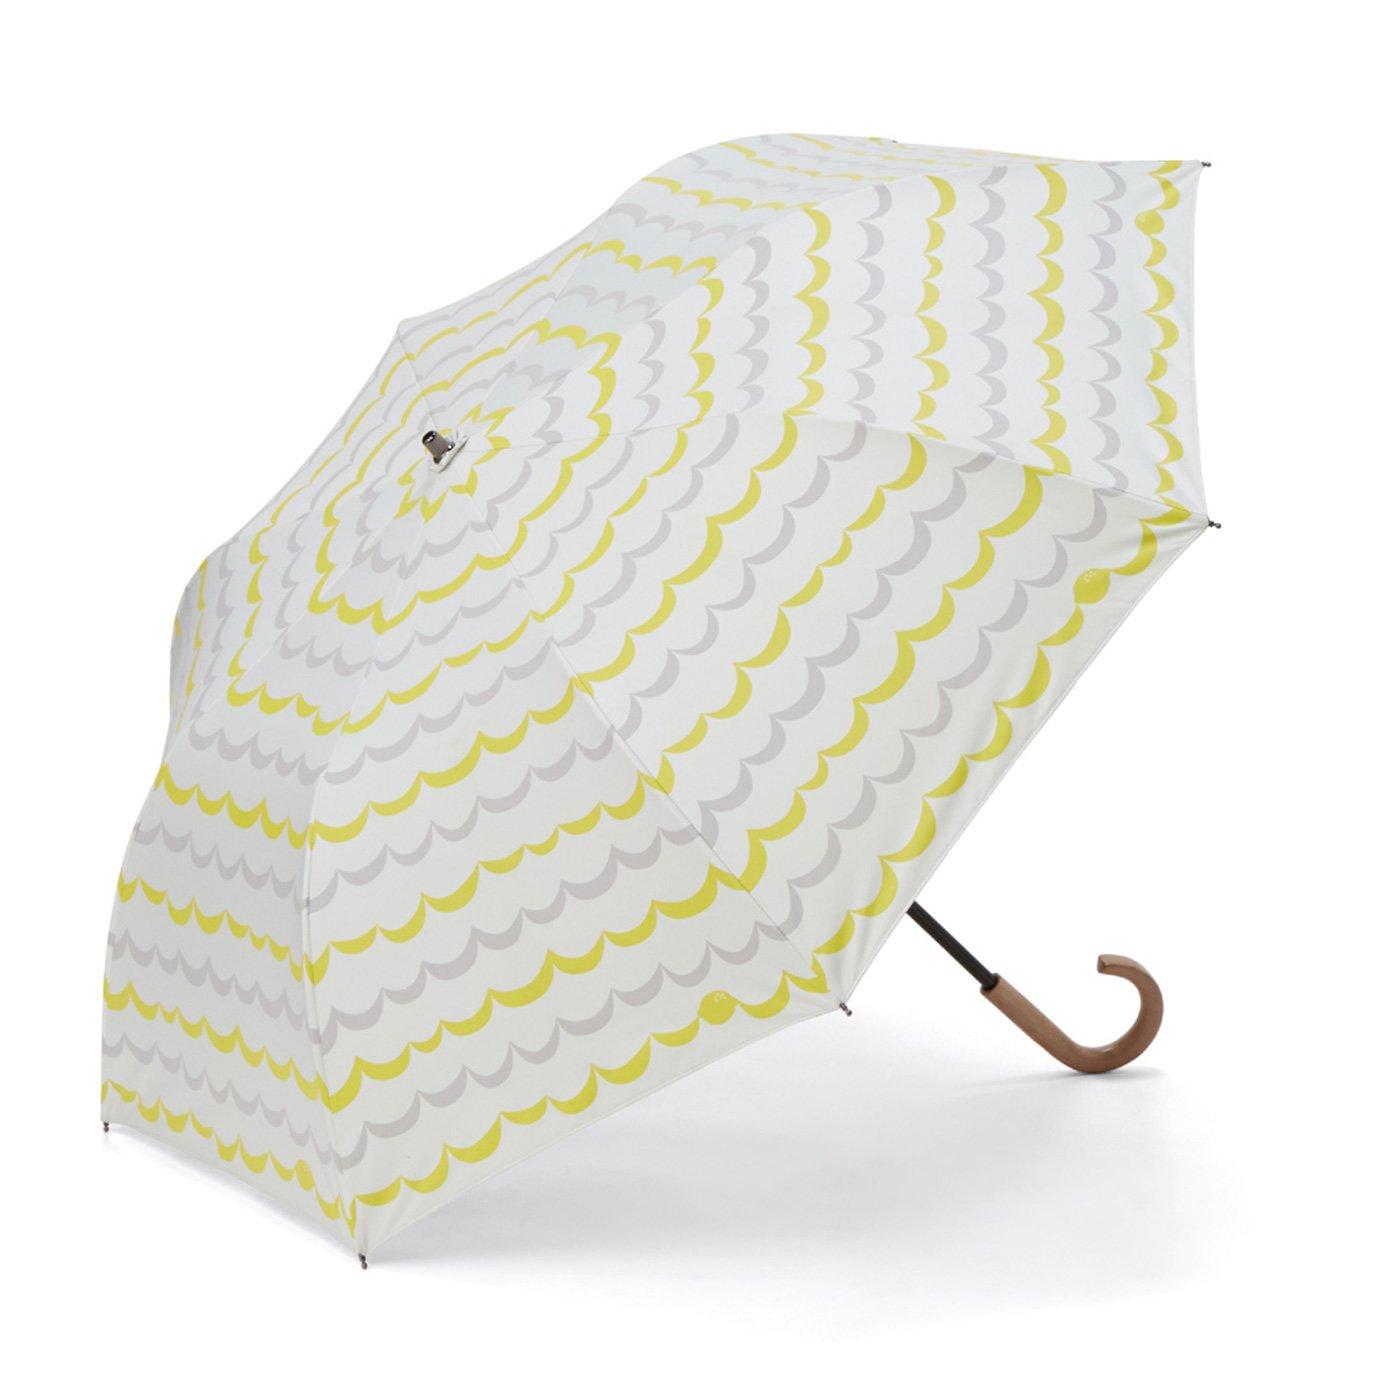 リブ イン コンフォート はまじとコラボ 遮光も遮熱もおまかせ! 感激の晴雨兼用日傘